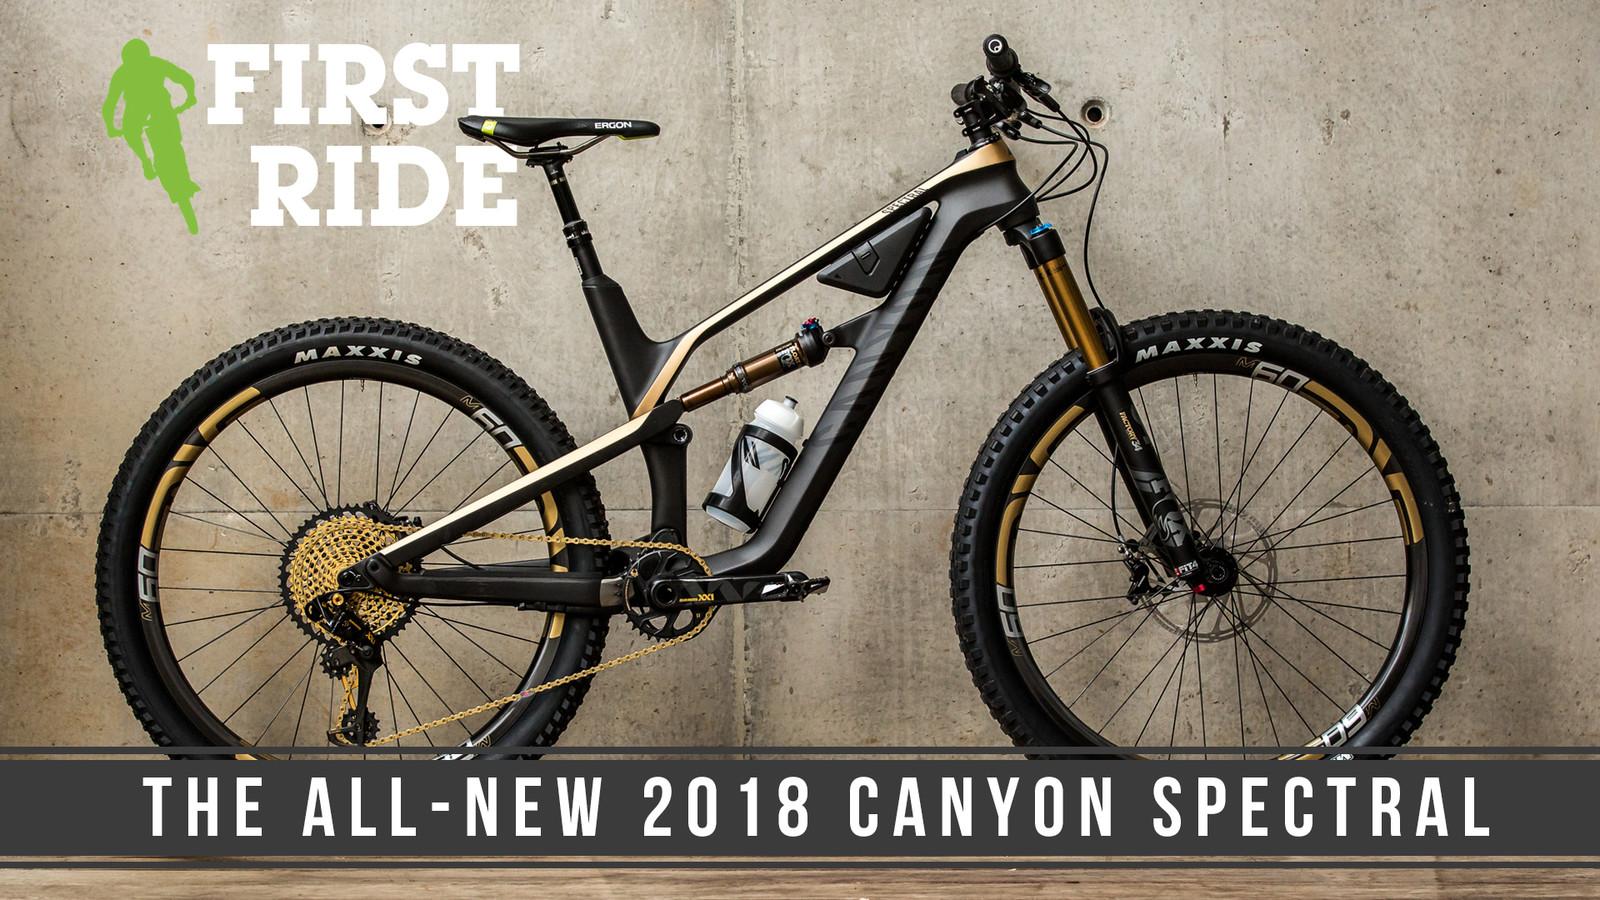 fd5d46a137f 2018 Canyon Spectral CF 9.0 SL - Reviews, Comparisons, Specs ...